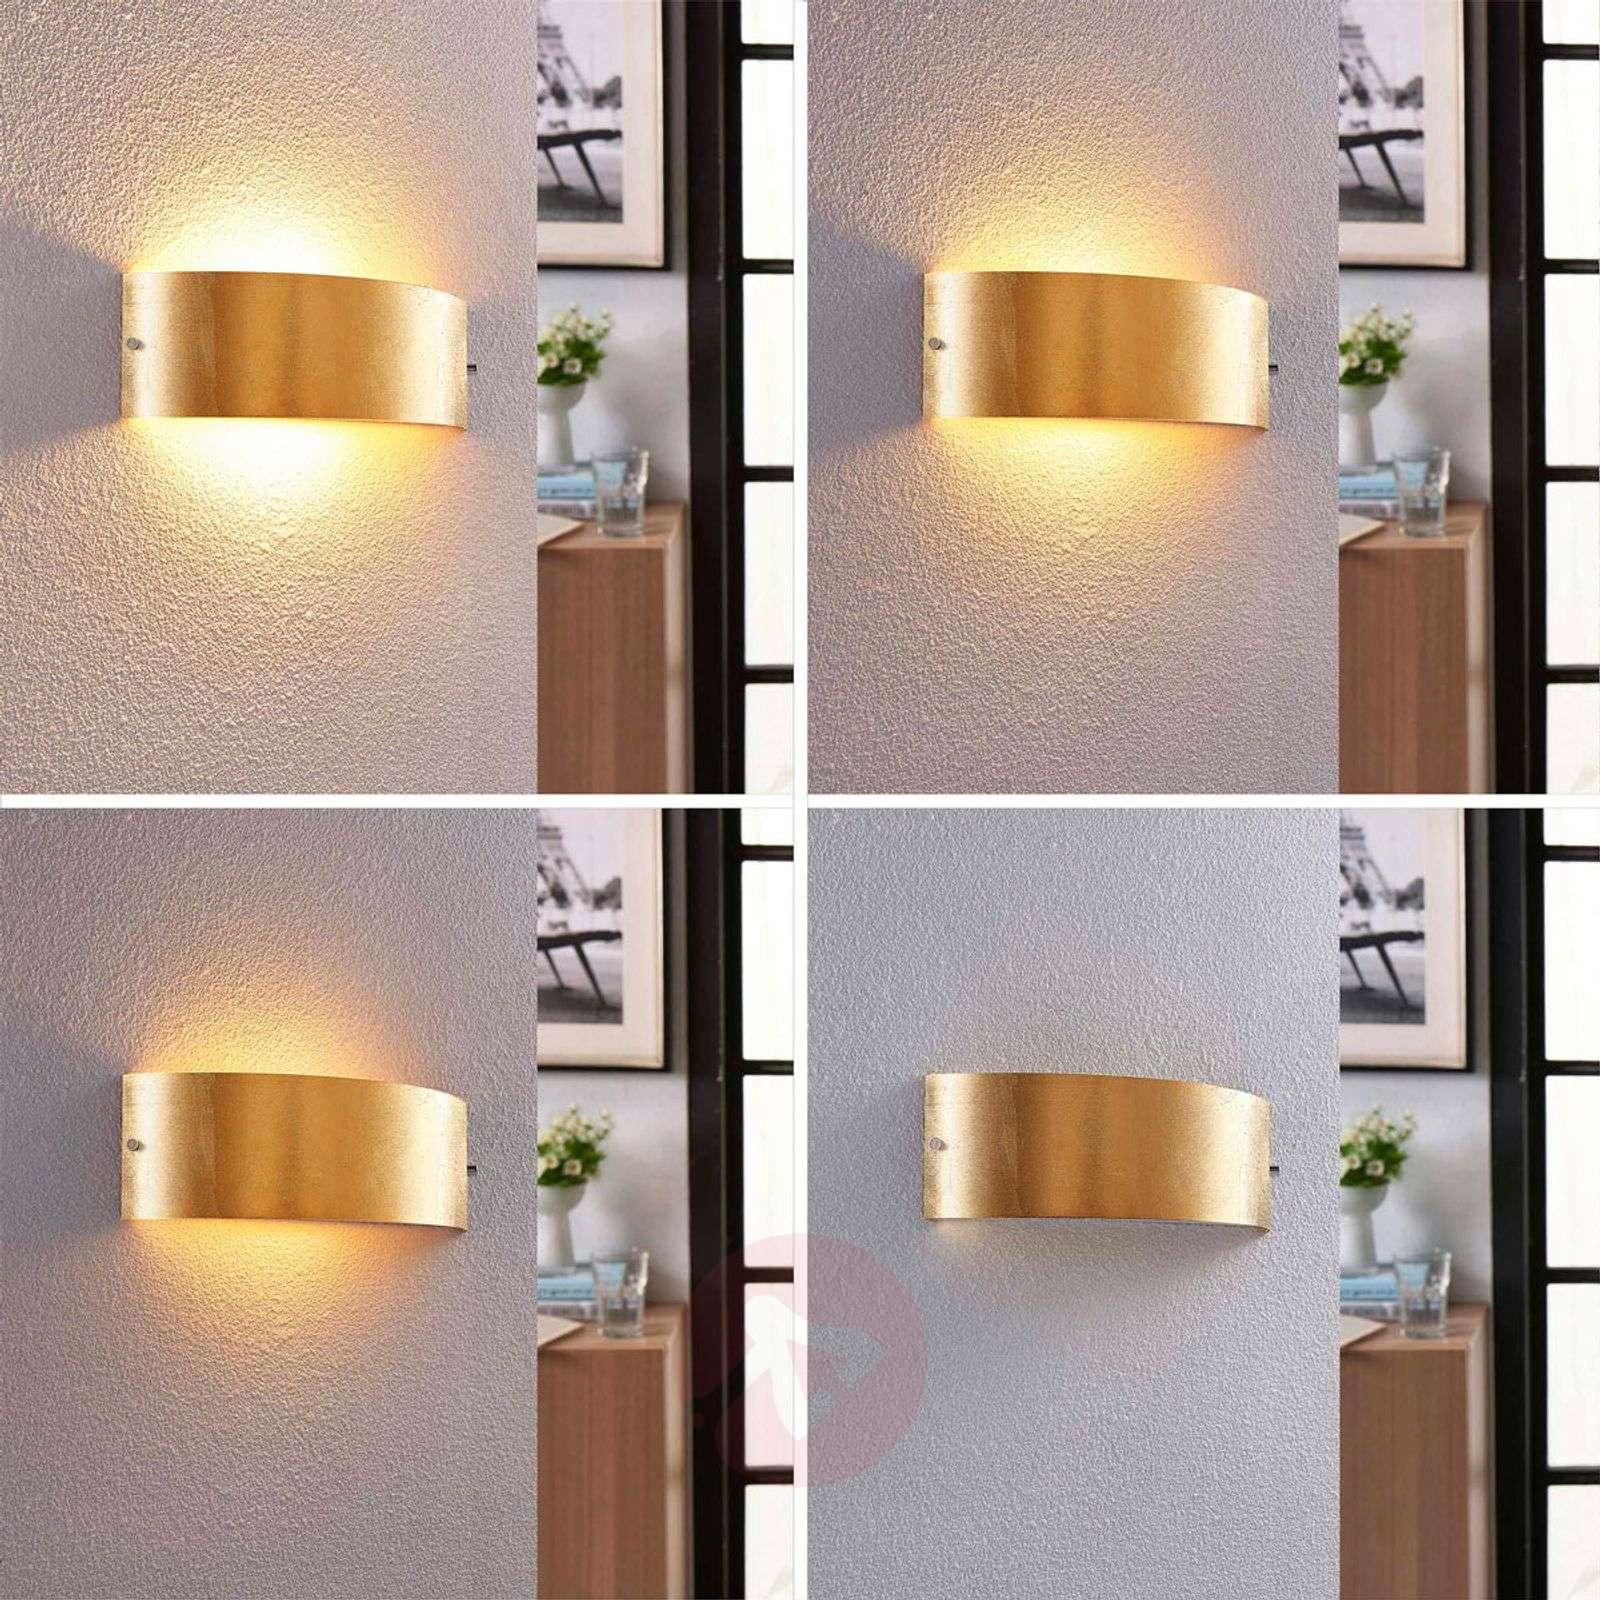 Mattakultainen LED-seinävalaisin Inga, Easydim-9621289-02